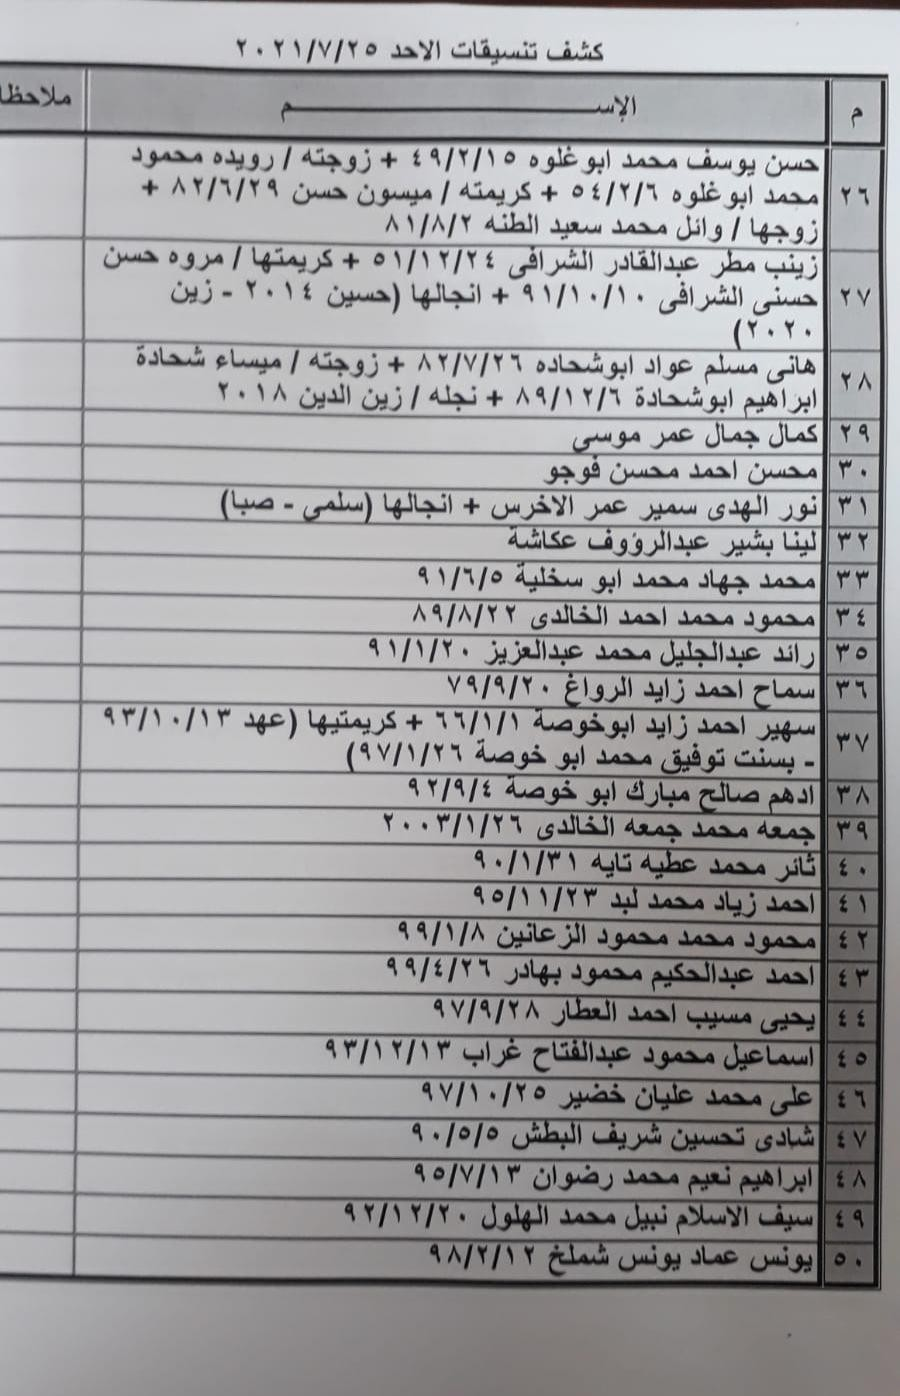 كشف تنسيقات مصرية للسفر عبر معبر رفح يوم الأحد (1).jpg